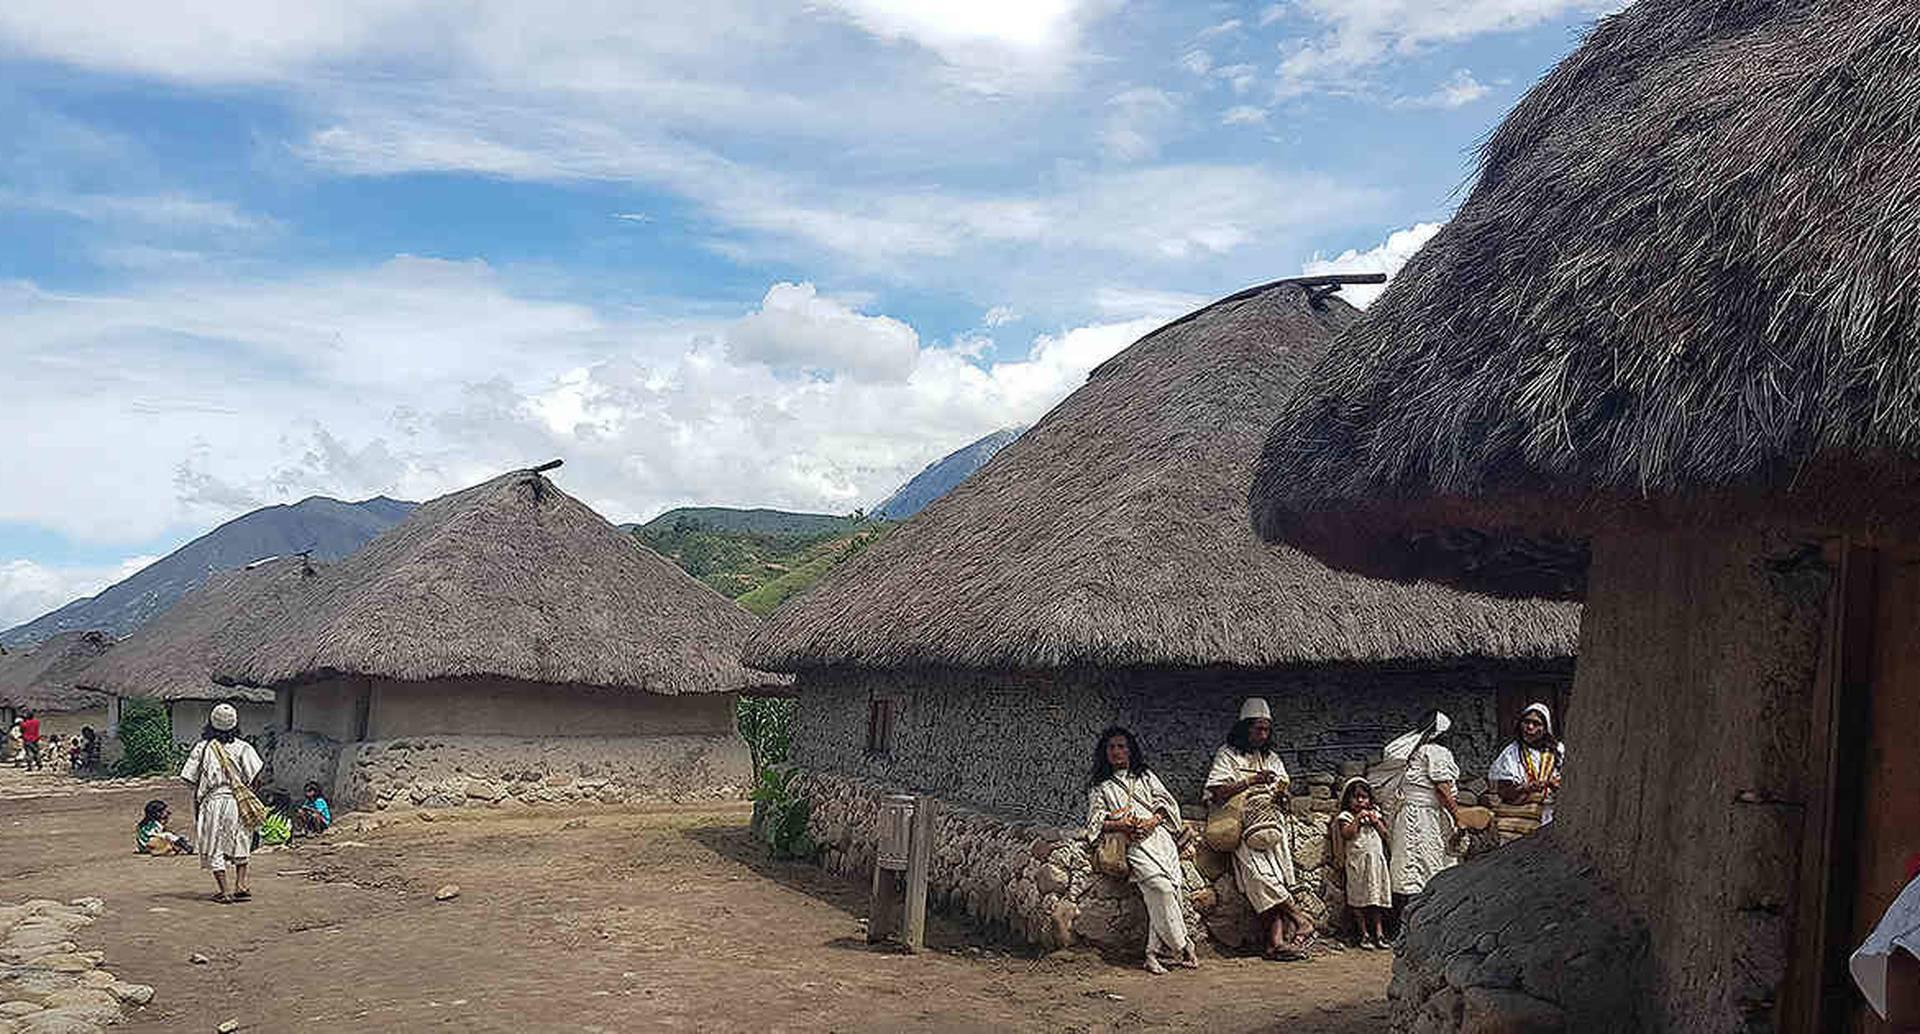 """Coronavirus: ONU y OEA dicen que indígenas de Amazonía están en """"grave riesgo"""""""